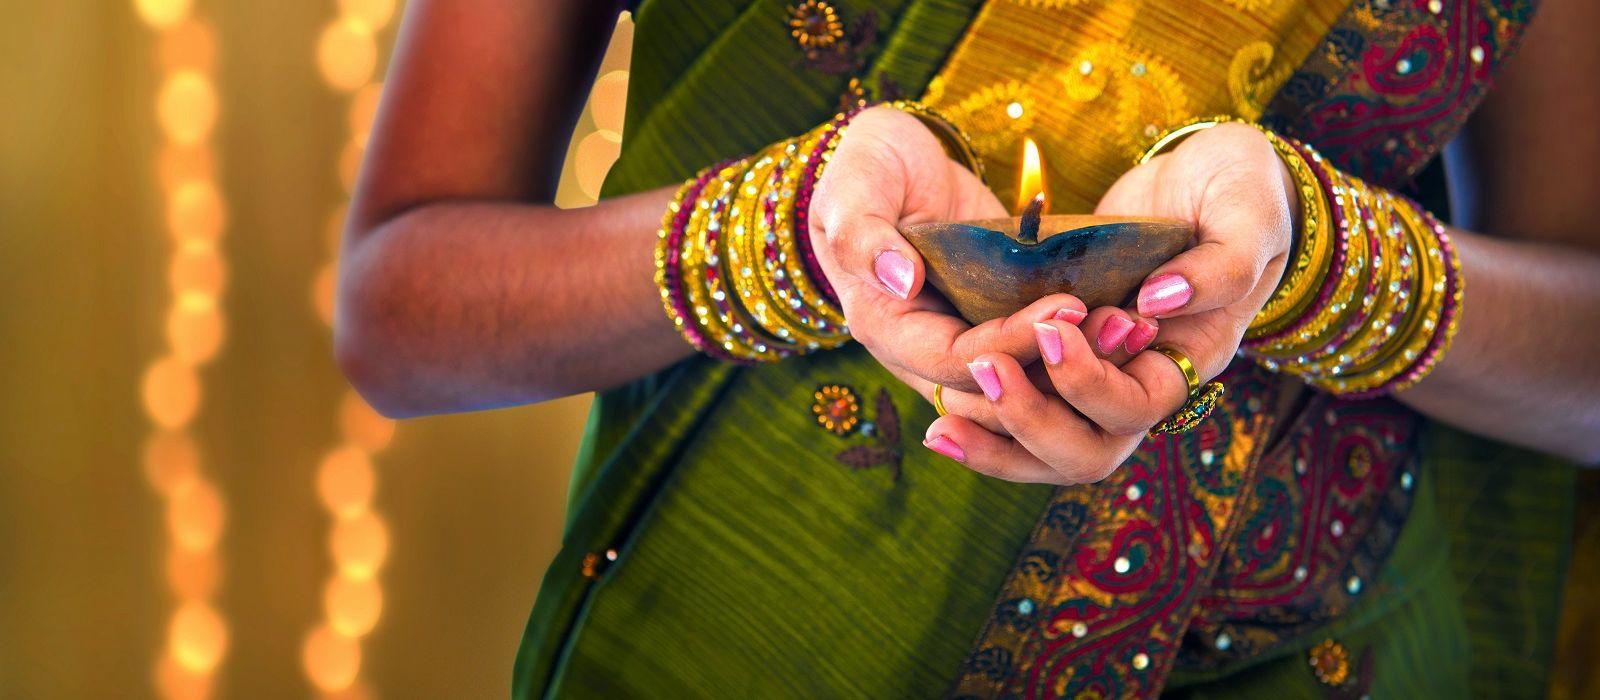 Das Fest der Lichter: Diwali in Indien Urlaub 3